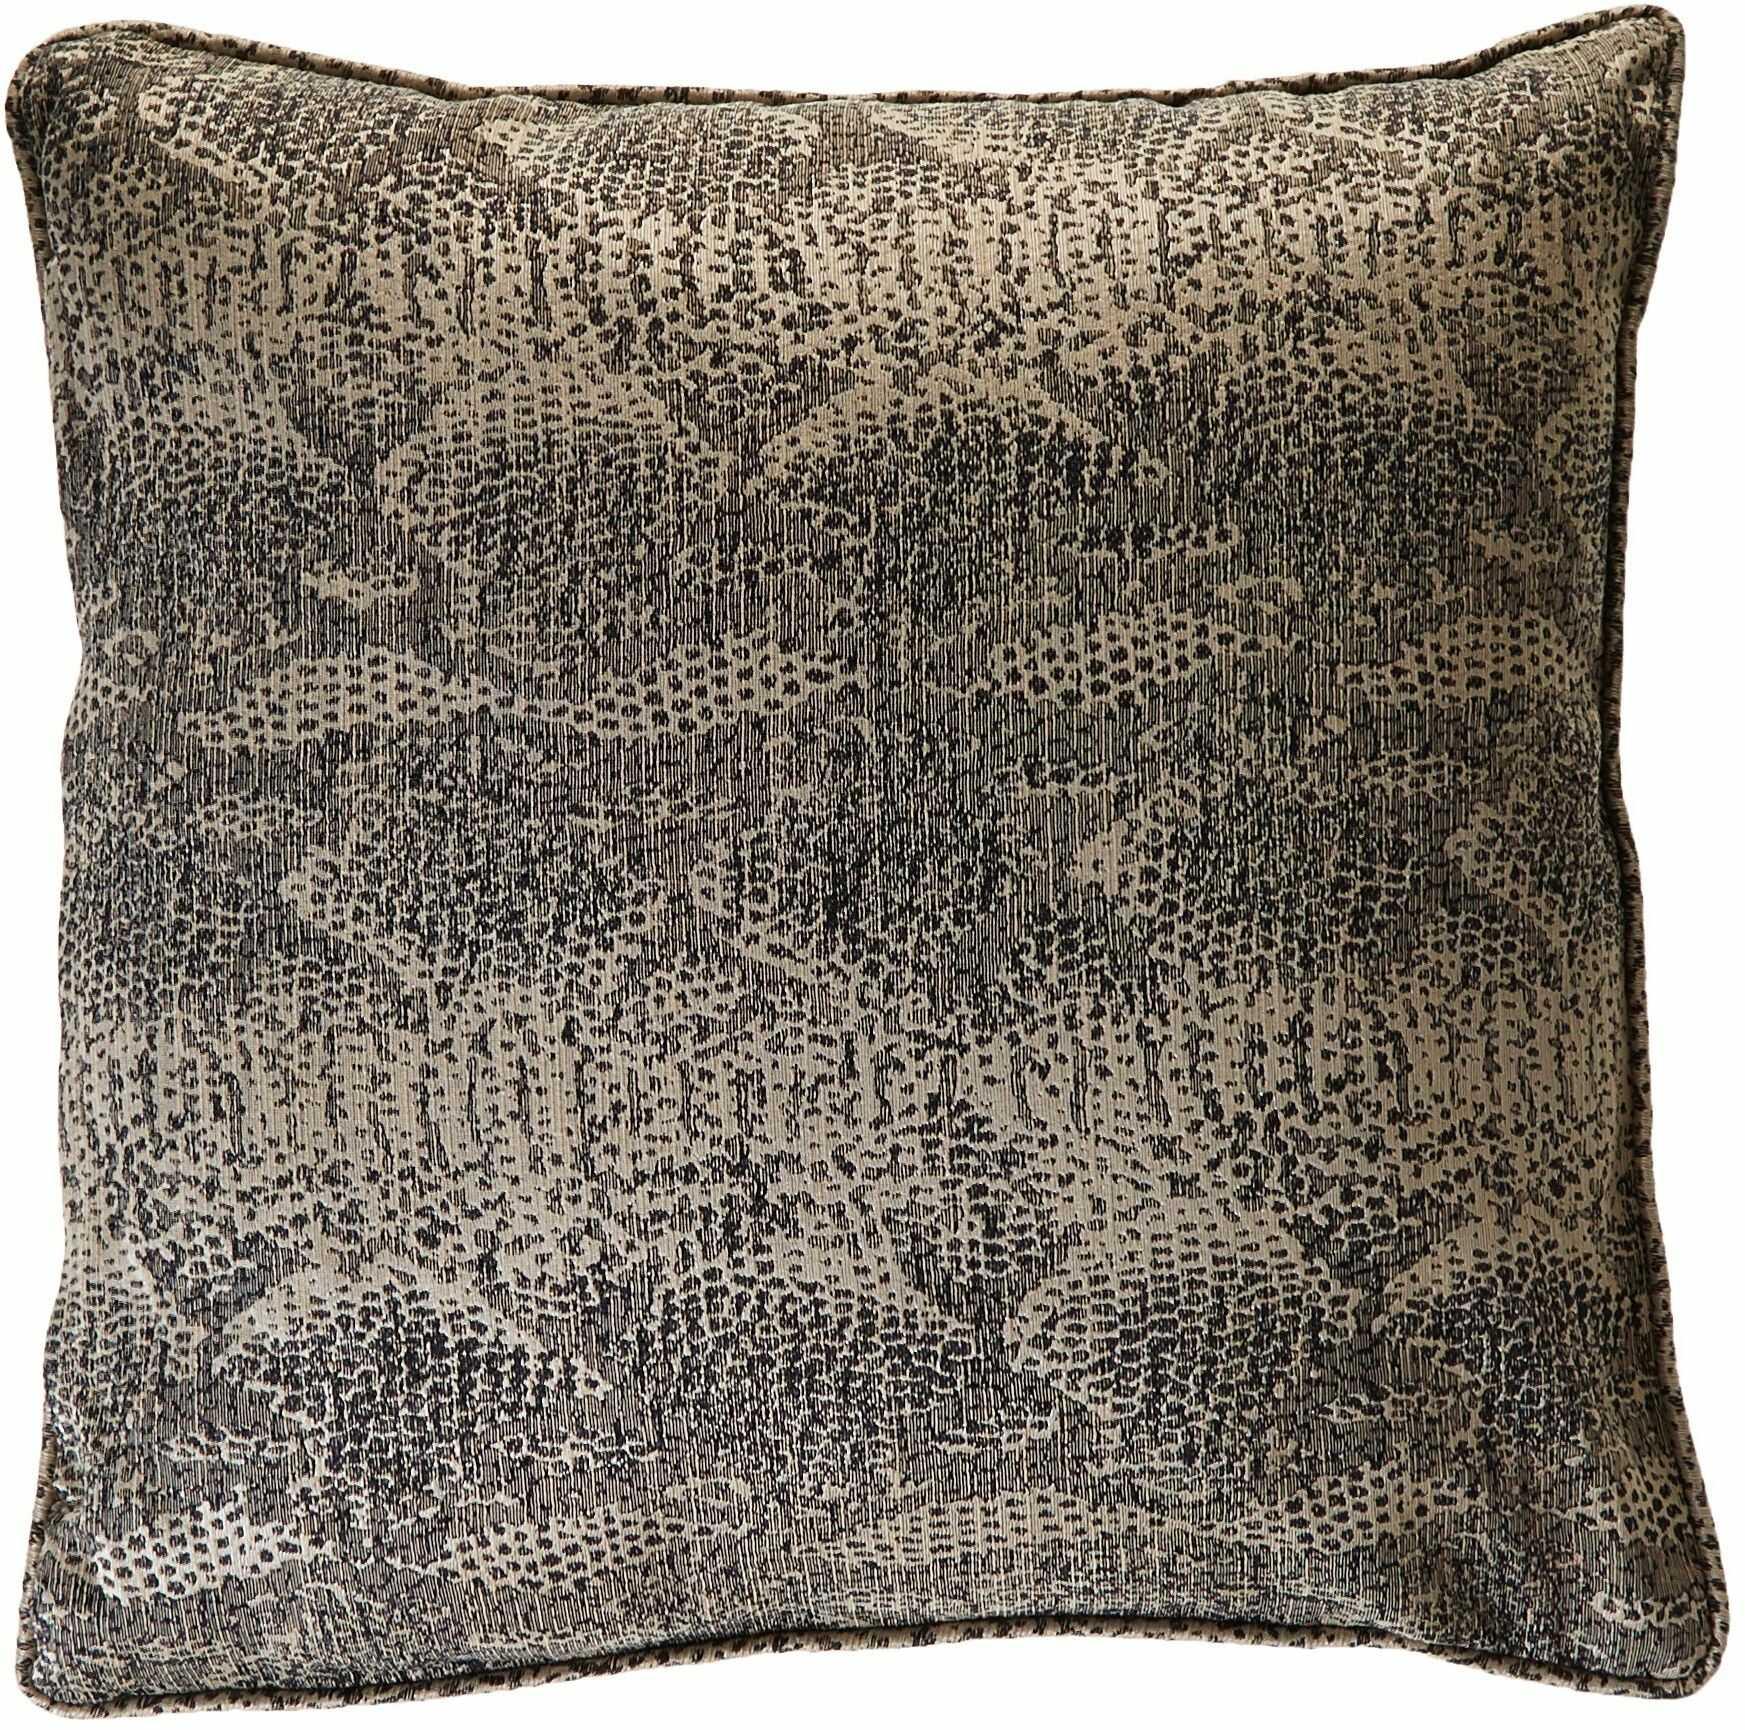 Home Maison poduszka, motyw 09340-0-AL, żakard, 40 x 40 cm, szara